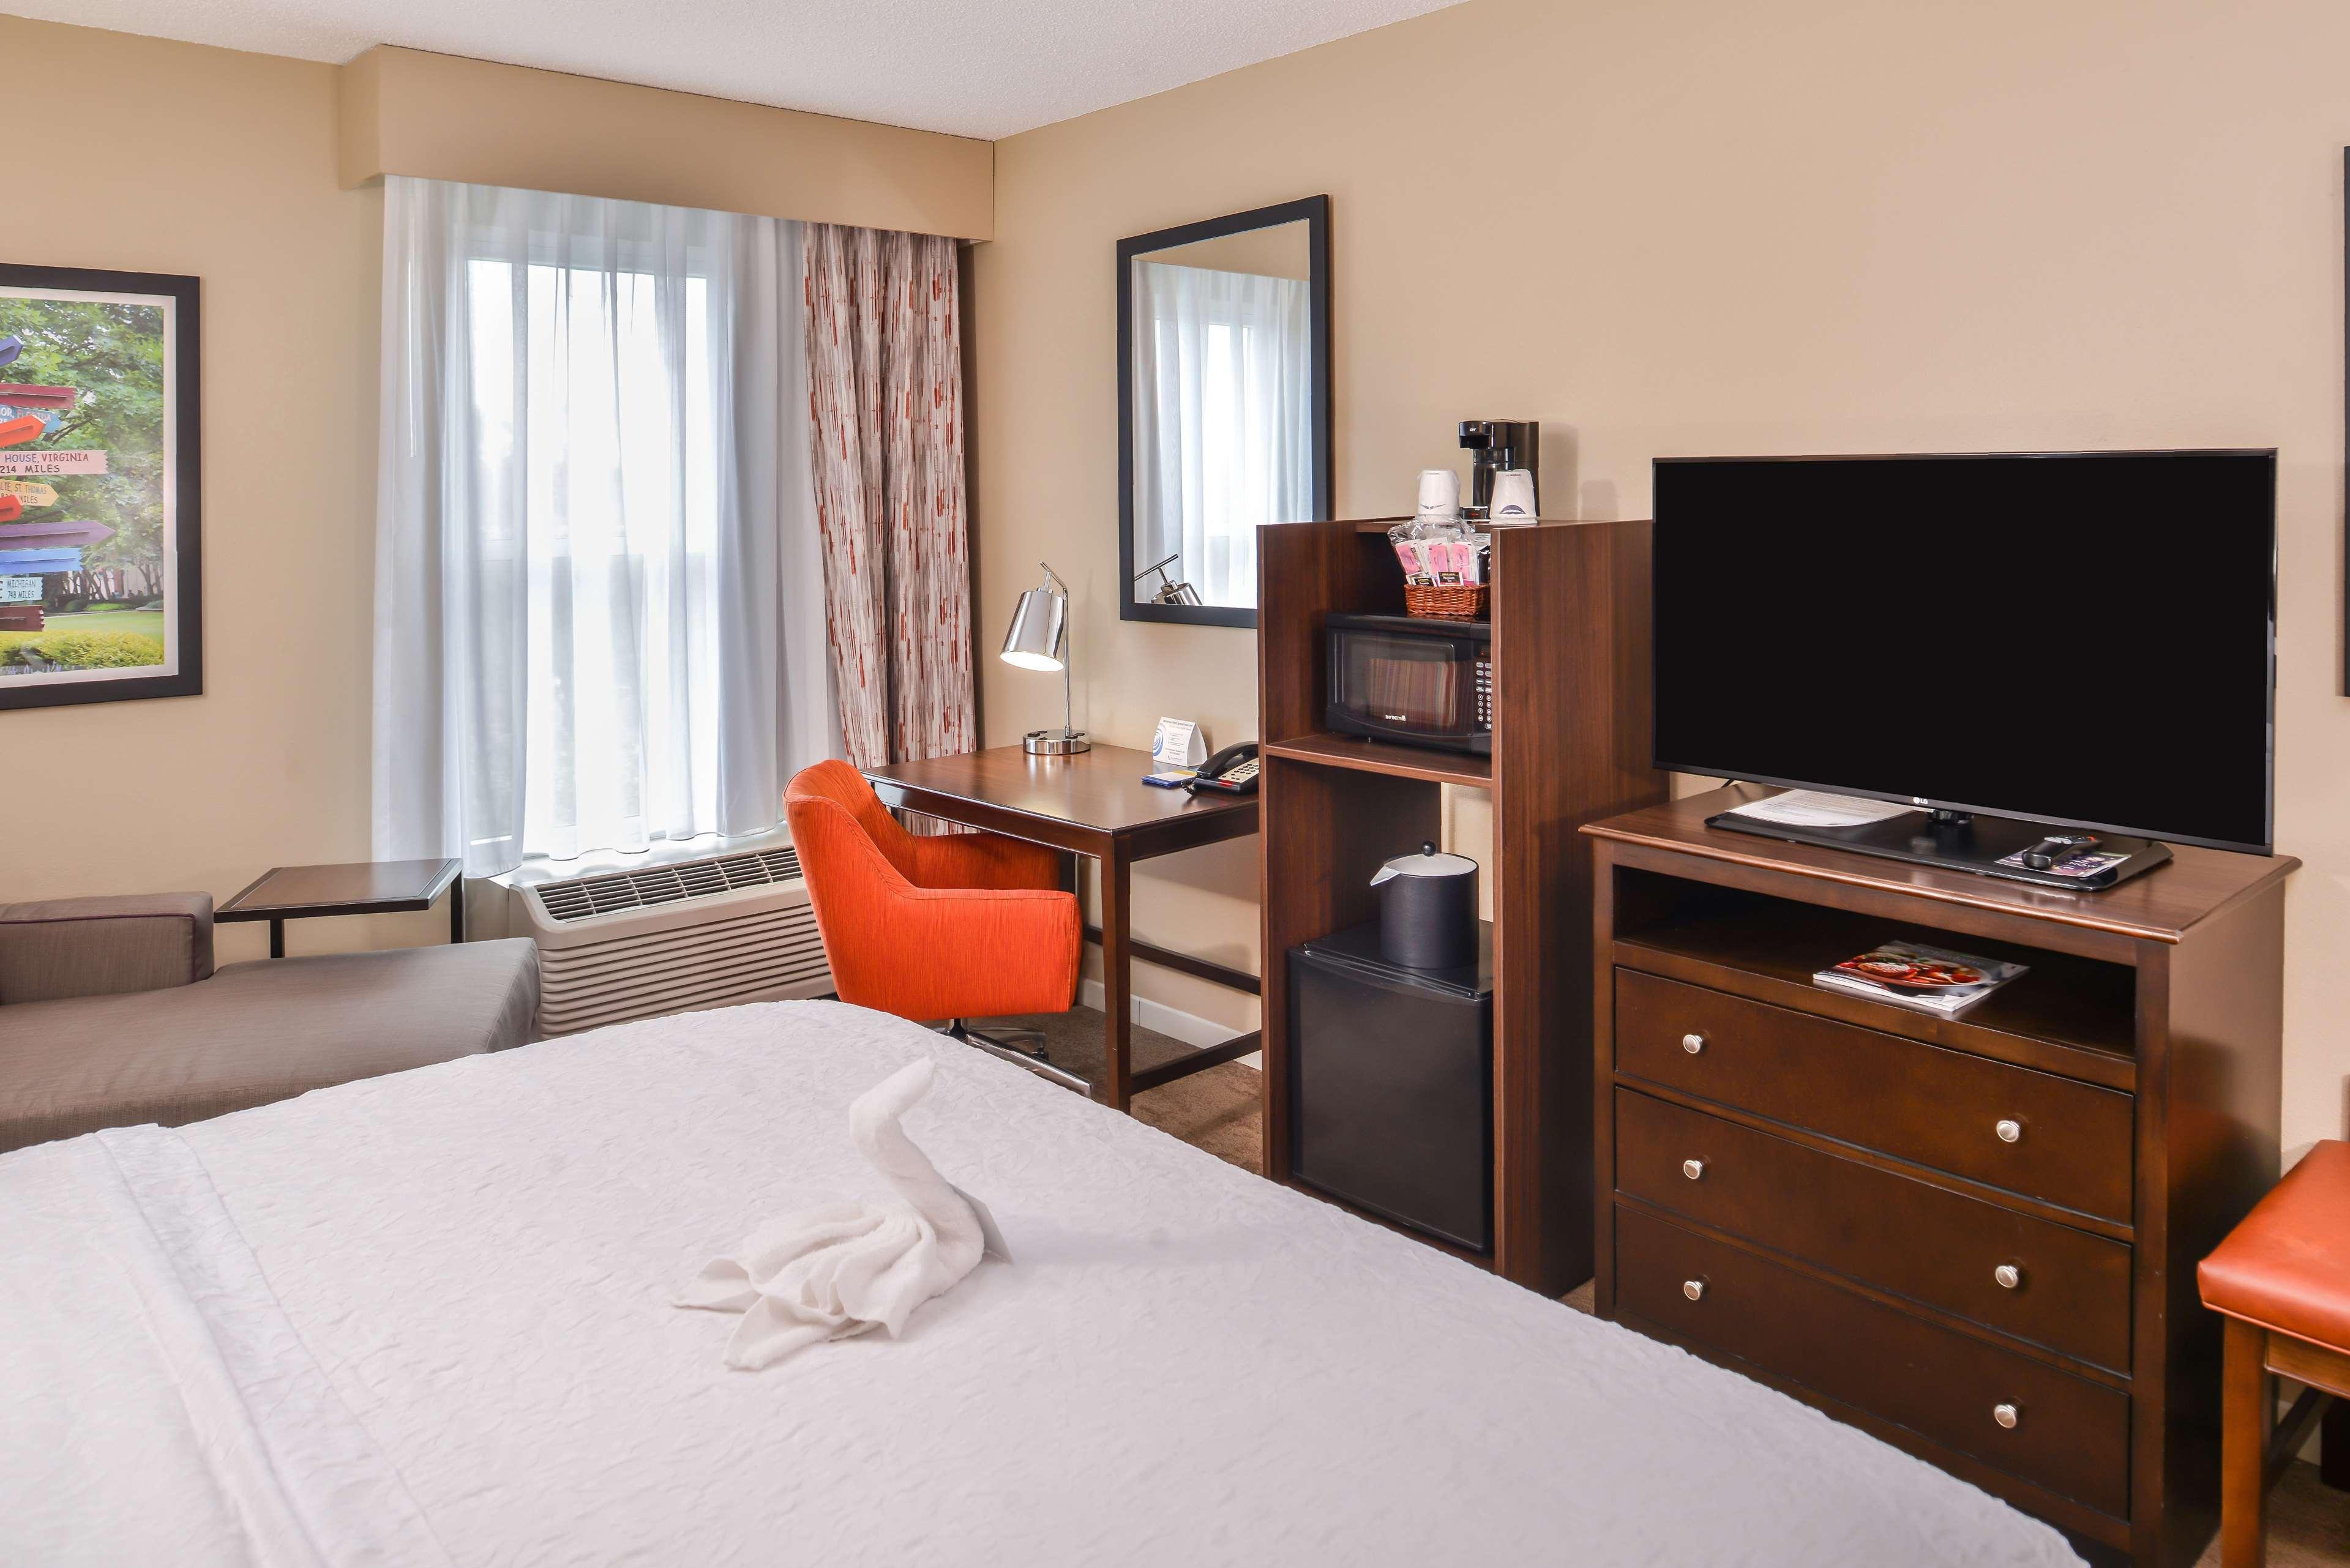 Hampton Inn & Suites Charlotte-Arrowood Rd. image 33